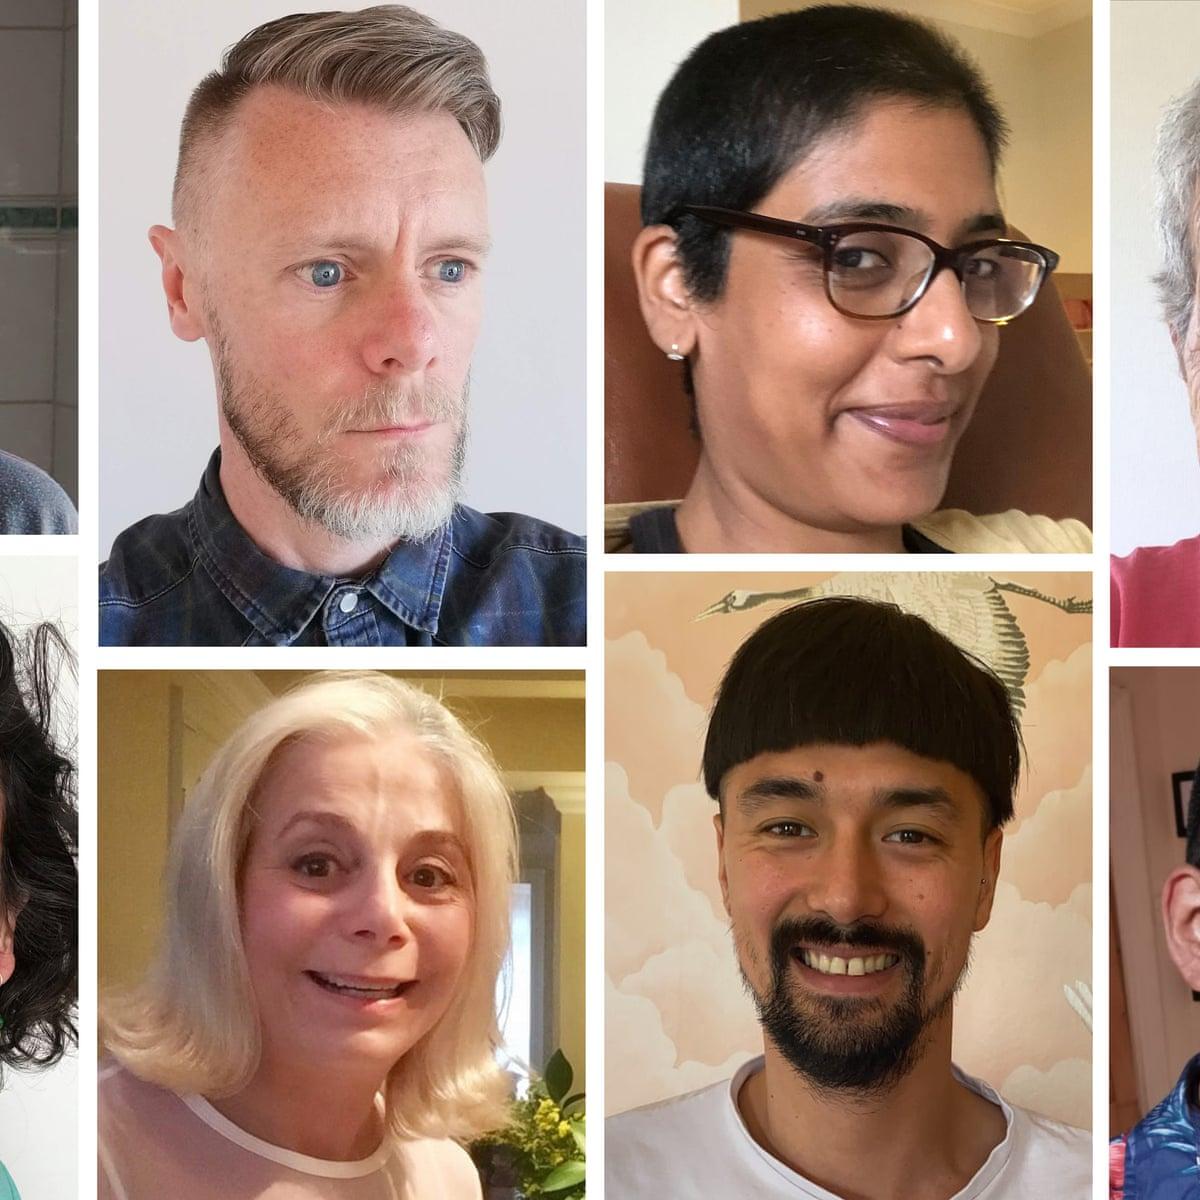 Locksdown: readers share their home haircut adventures  World